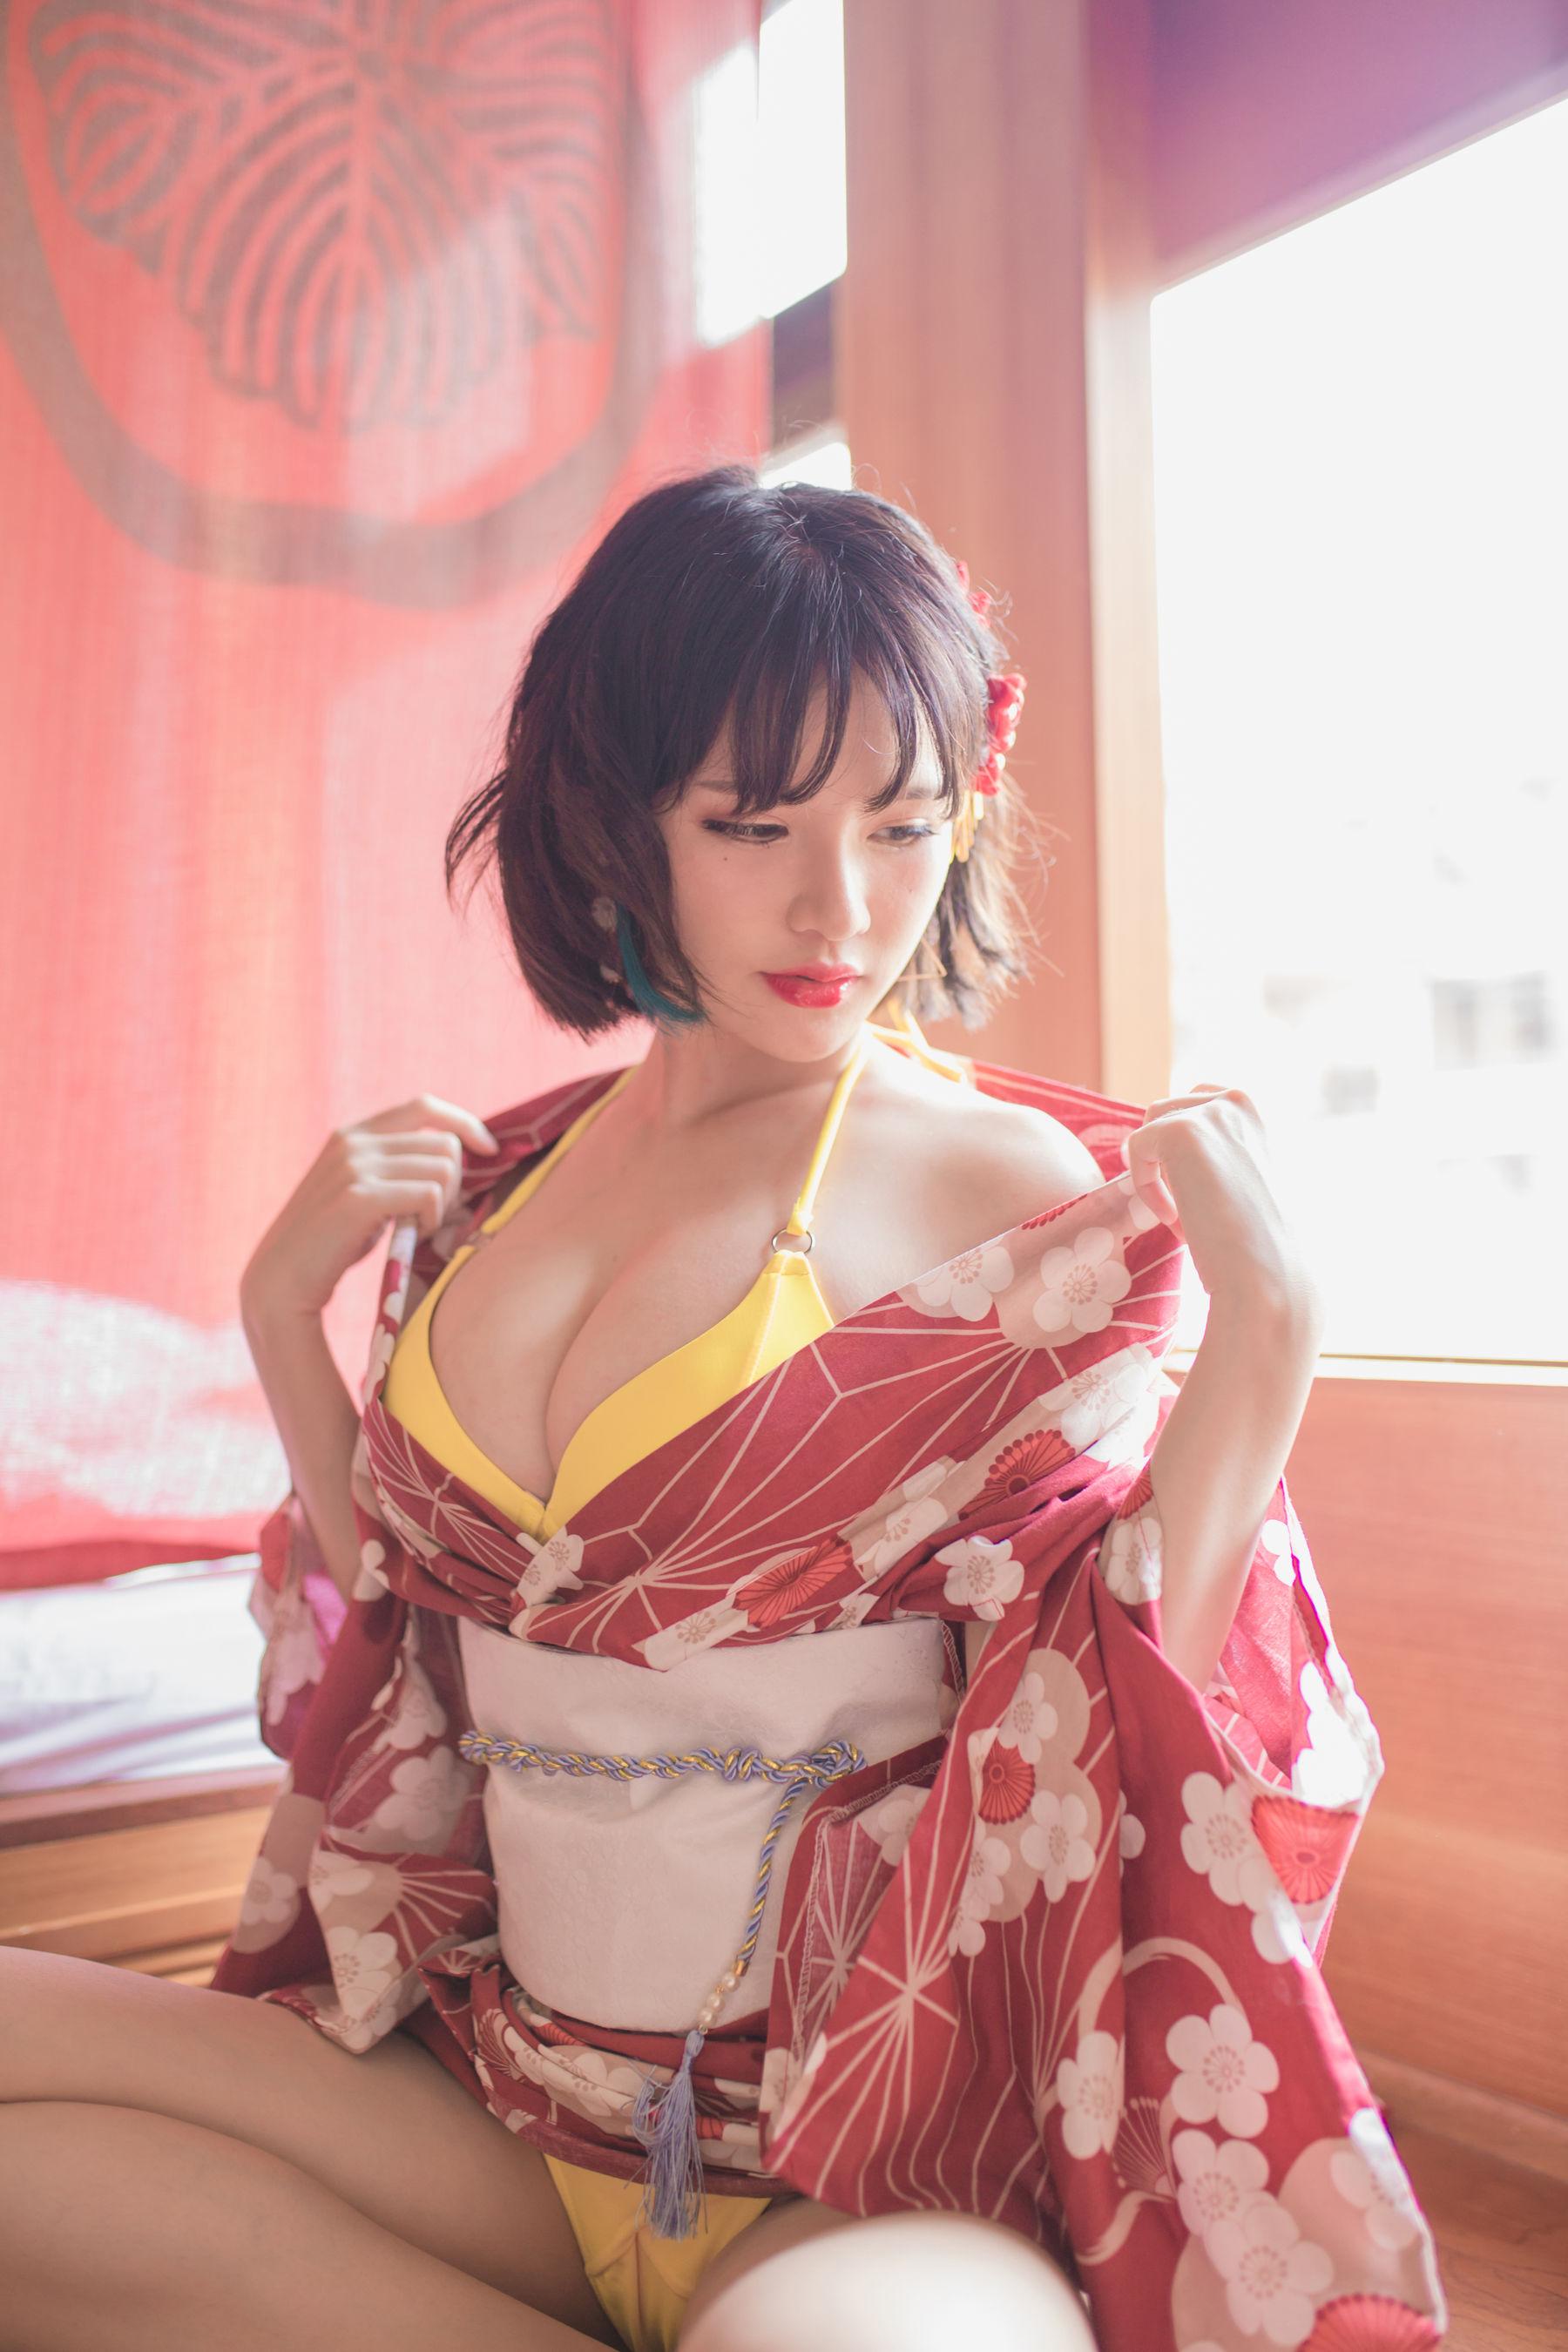 福利美图 Yoko宅夏妹汤物语(和服)萝莉COS写真